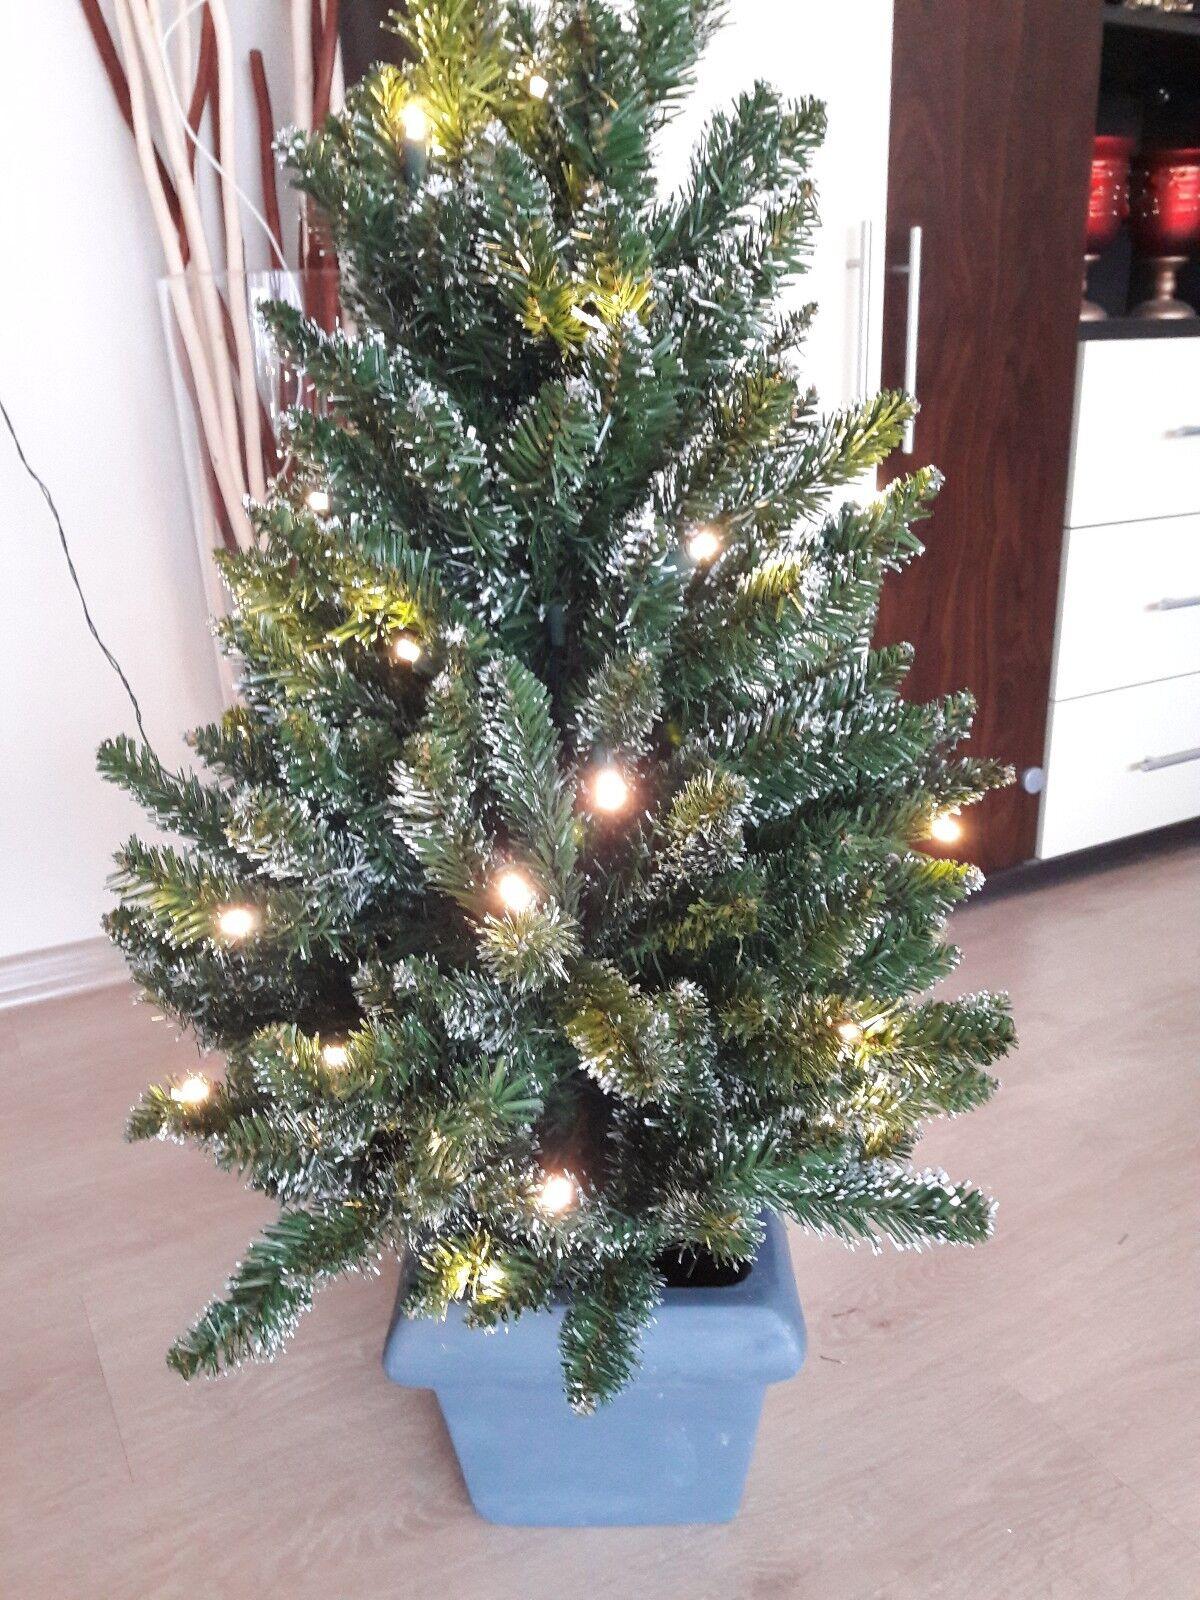 Künstl. Tannenbaum Tannenbaum Tannenbaum Weihnachtsbaum mit Lichter grün weiß 90 cm Top Zustand | Qualitativ Hochwertiges Produkt  707282